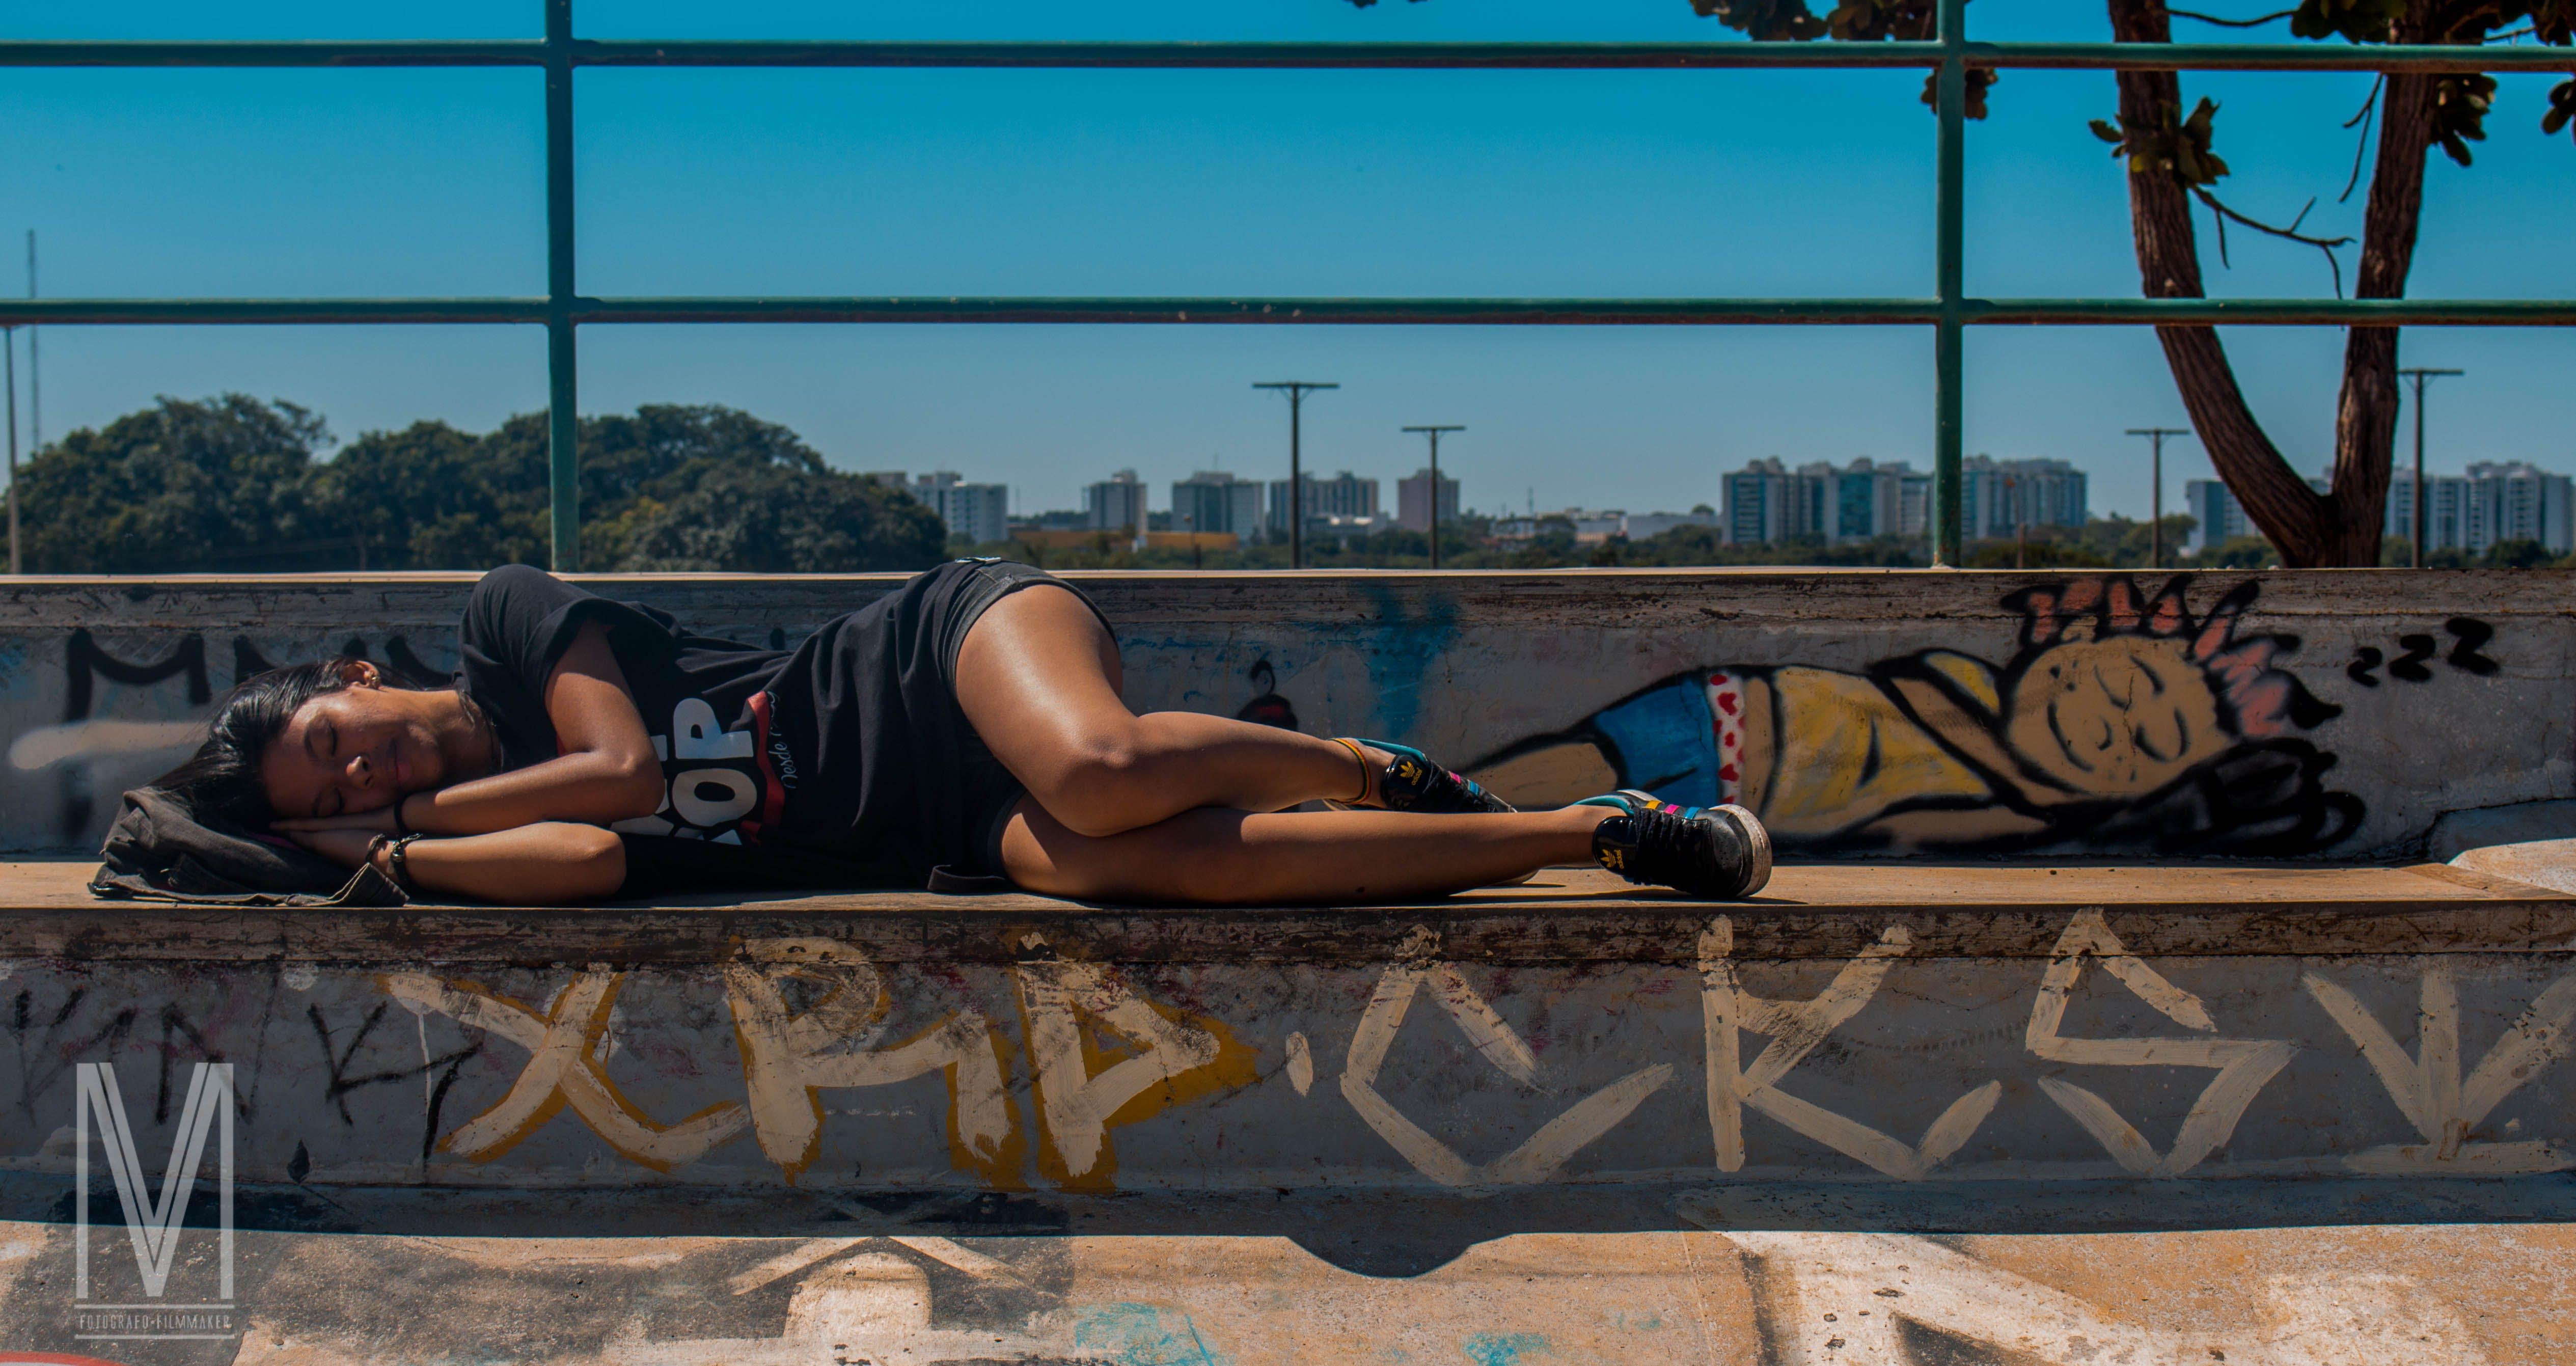 graffiti, i søvn, kvinde